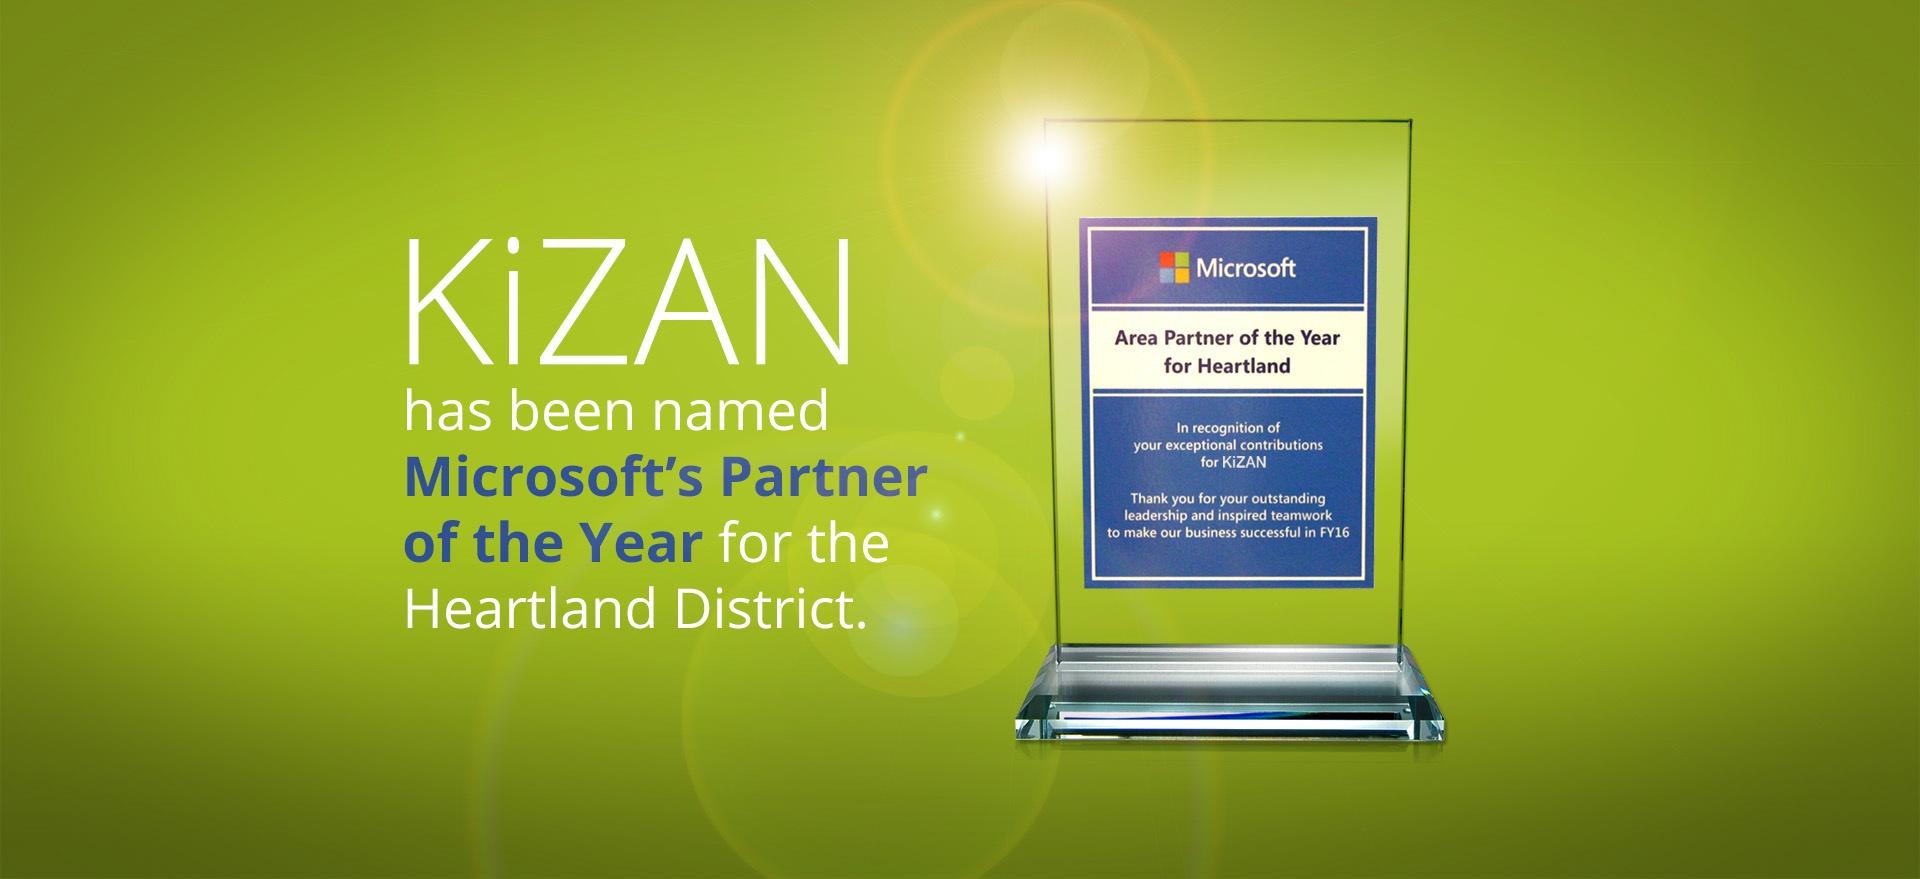 KiZAN wins Microsoft Partner of the Year Award for the Heartland